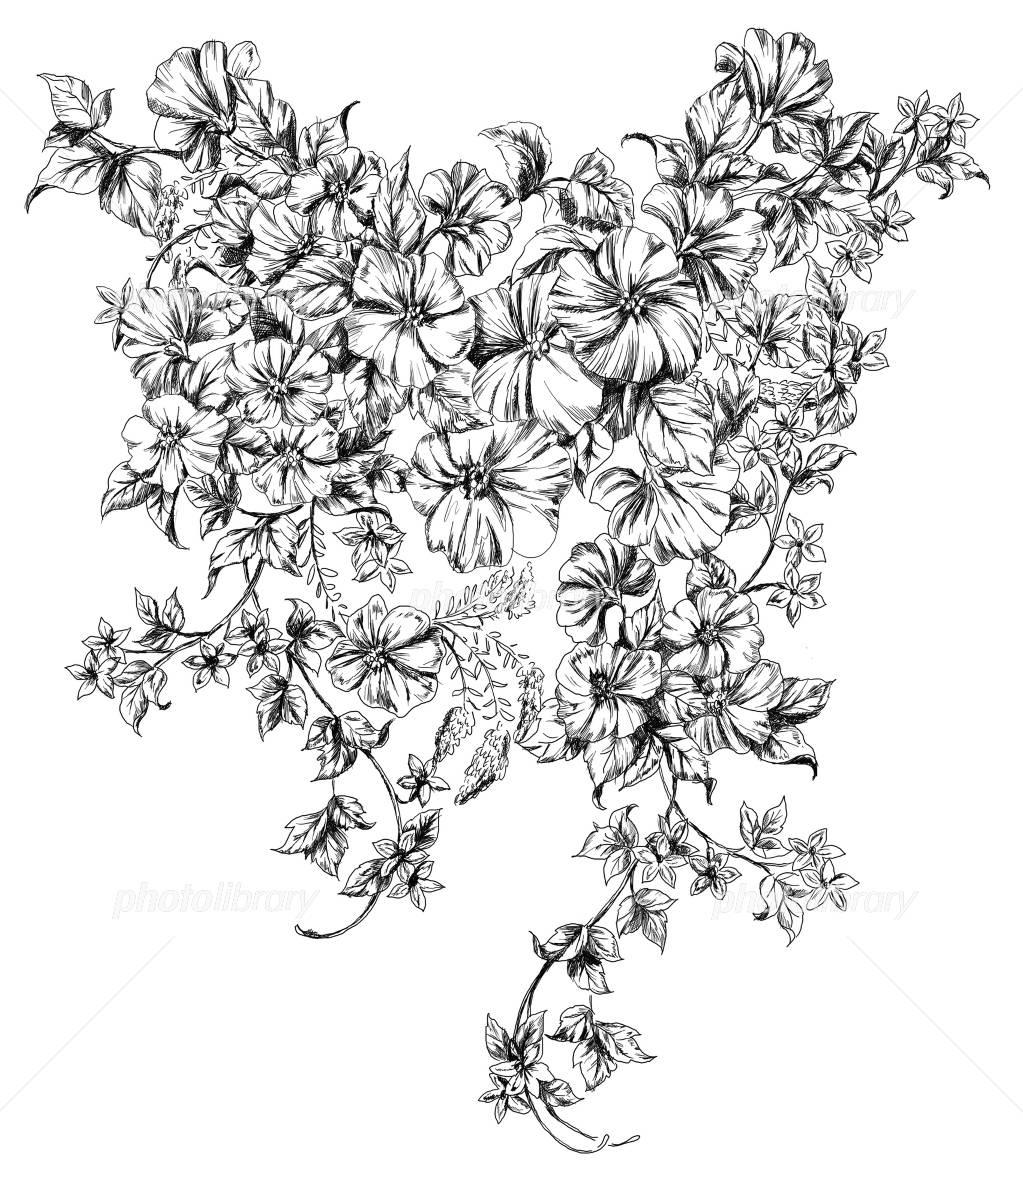 ペン画の花 イラスト素材 2448221 フォトライブラリー Photolibrary